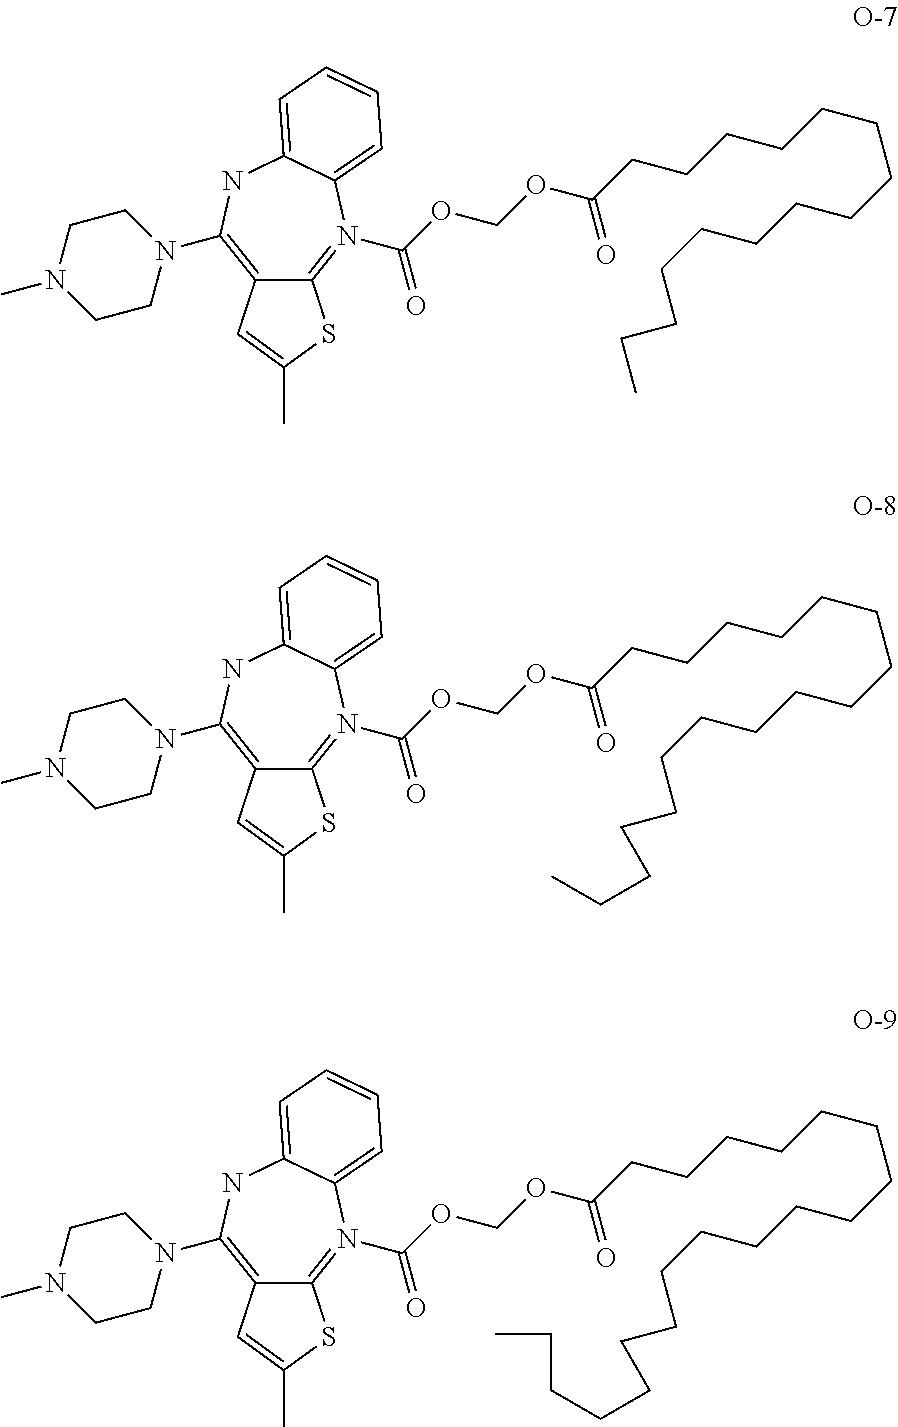 Figure US09993556-20180612-C00014